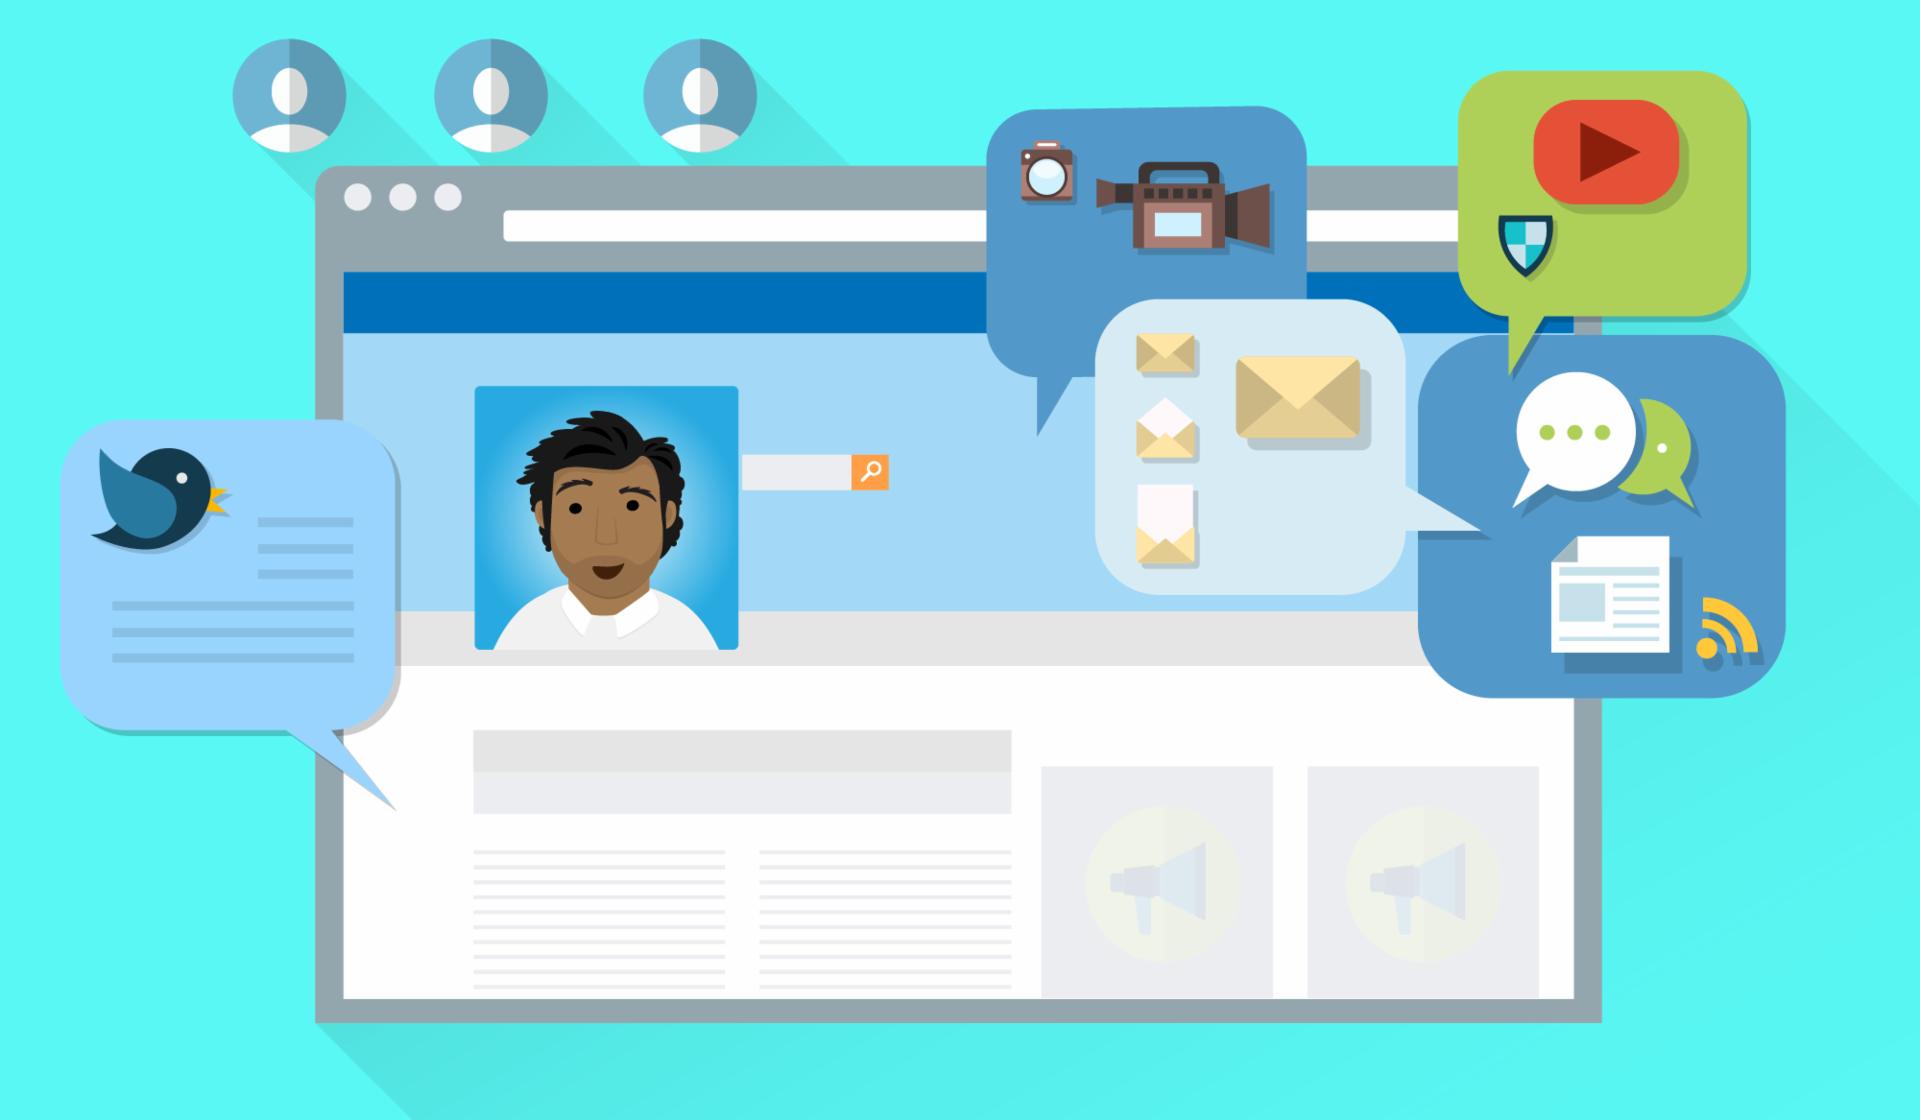 Aproveite as redes sociais para fazer seu trabalho ser conhecido.